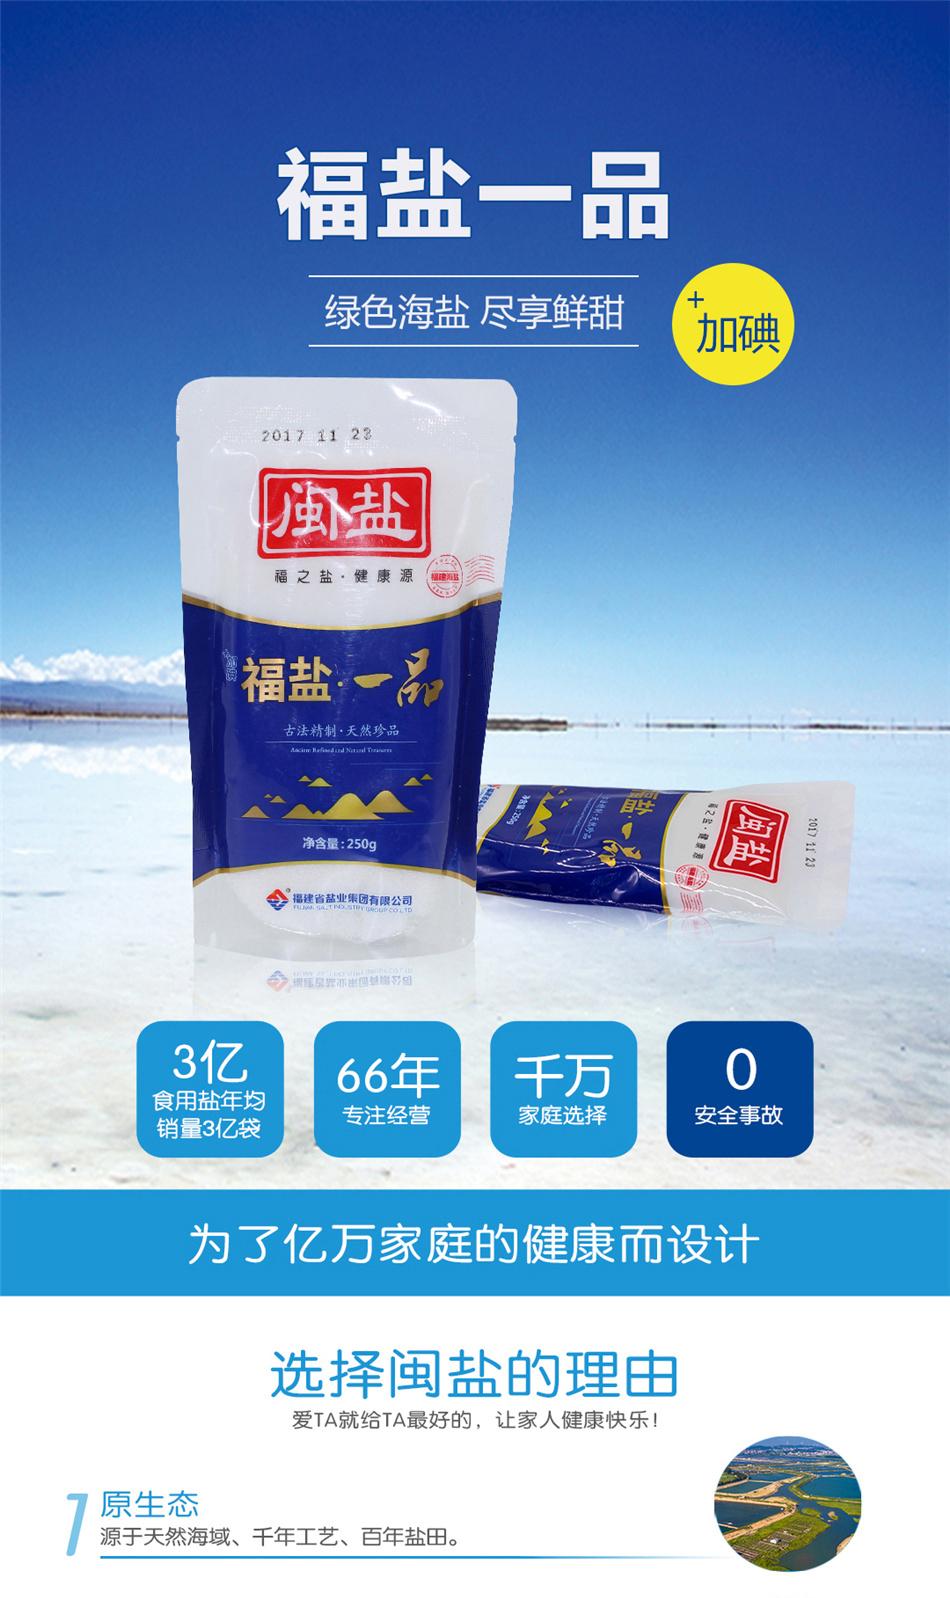 闽盐二级页面产品详情页1920dpi-万博手机版官网福盐一品立袋_01.jpg